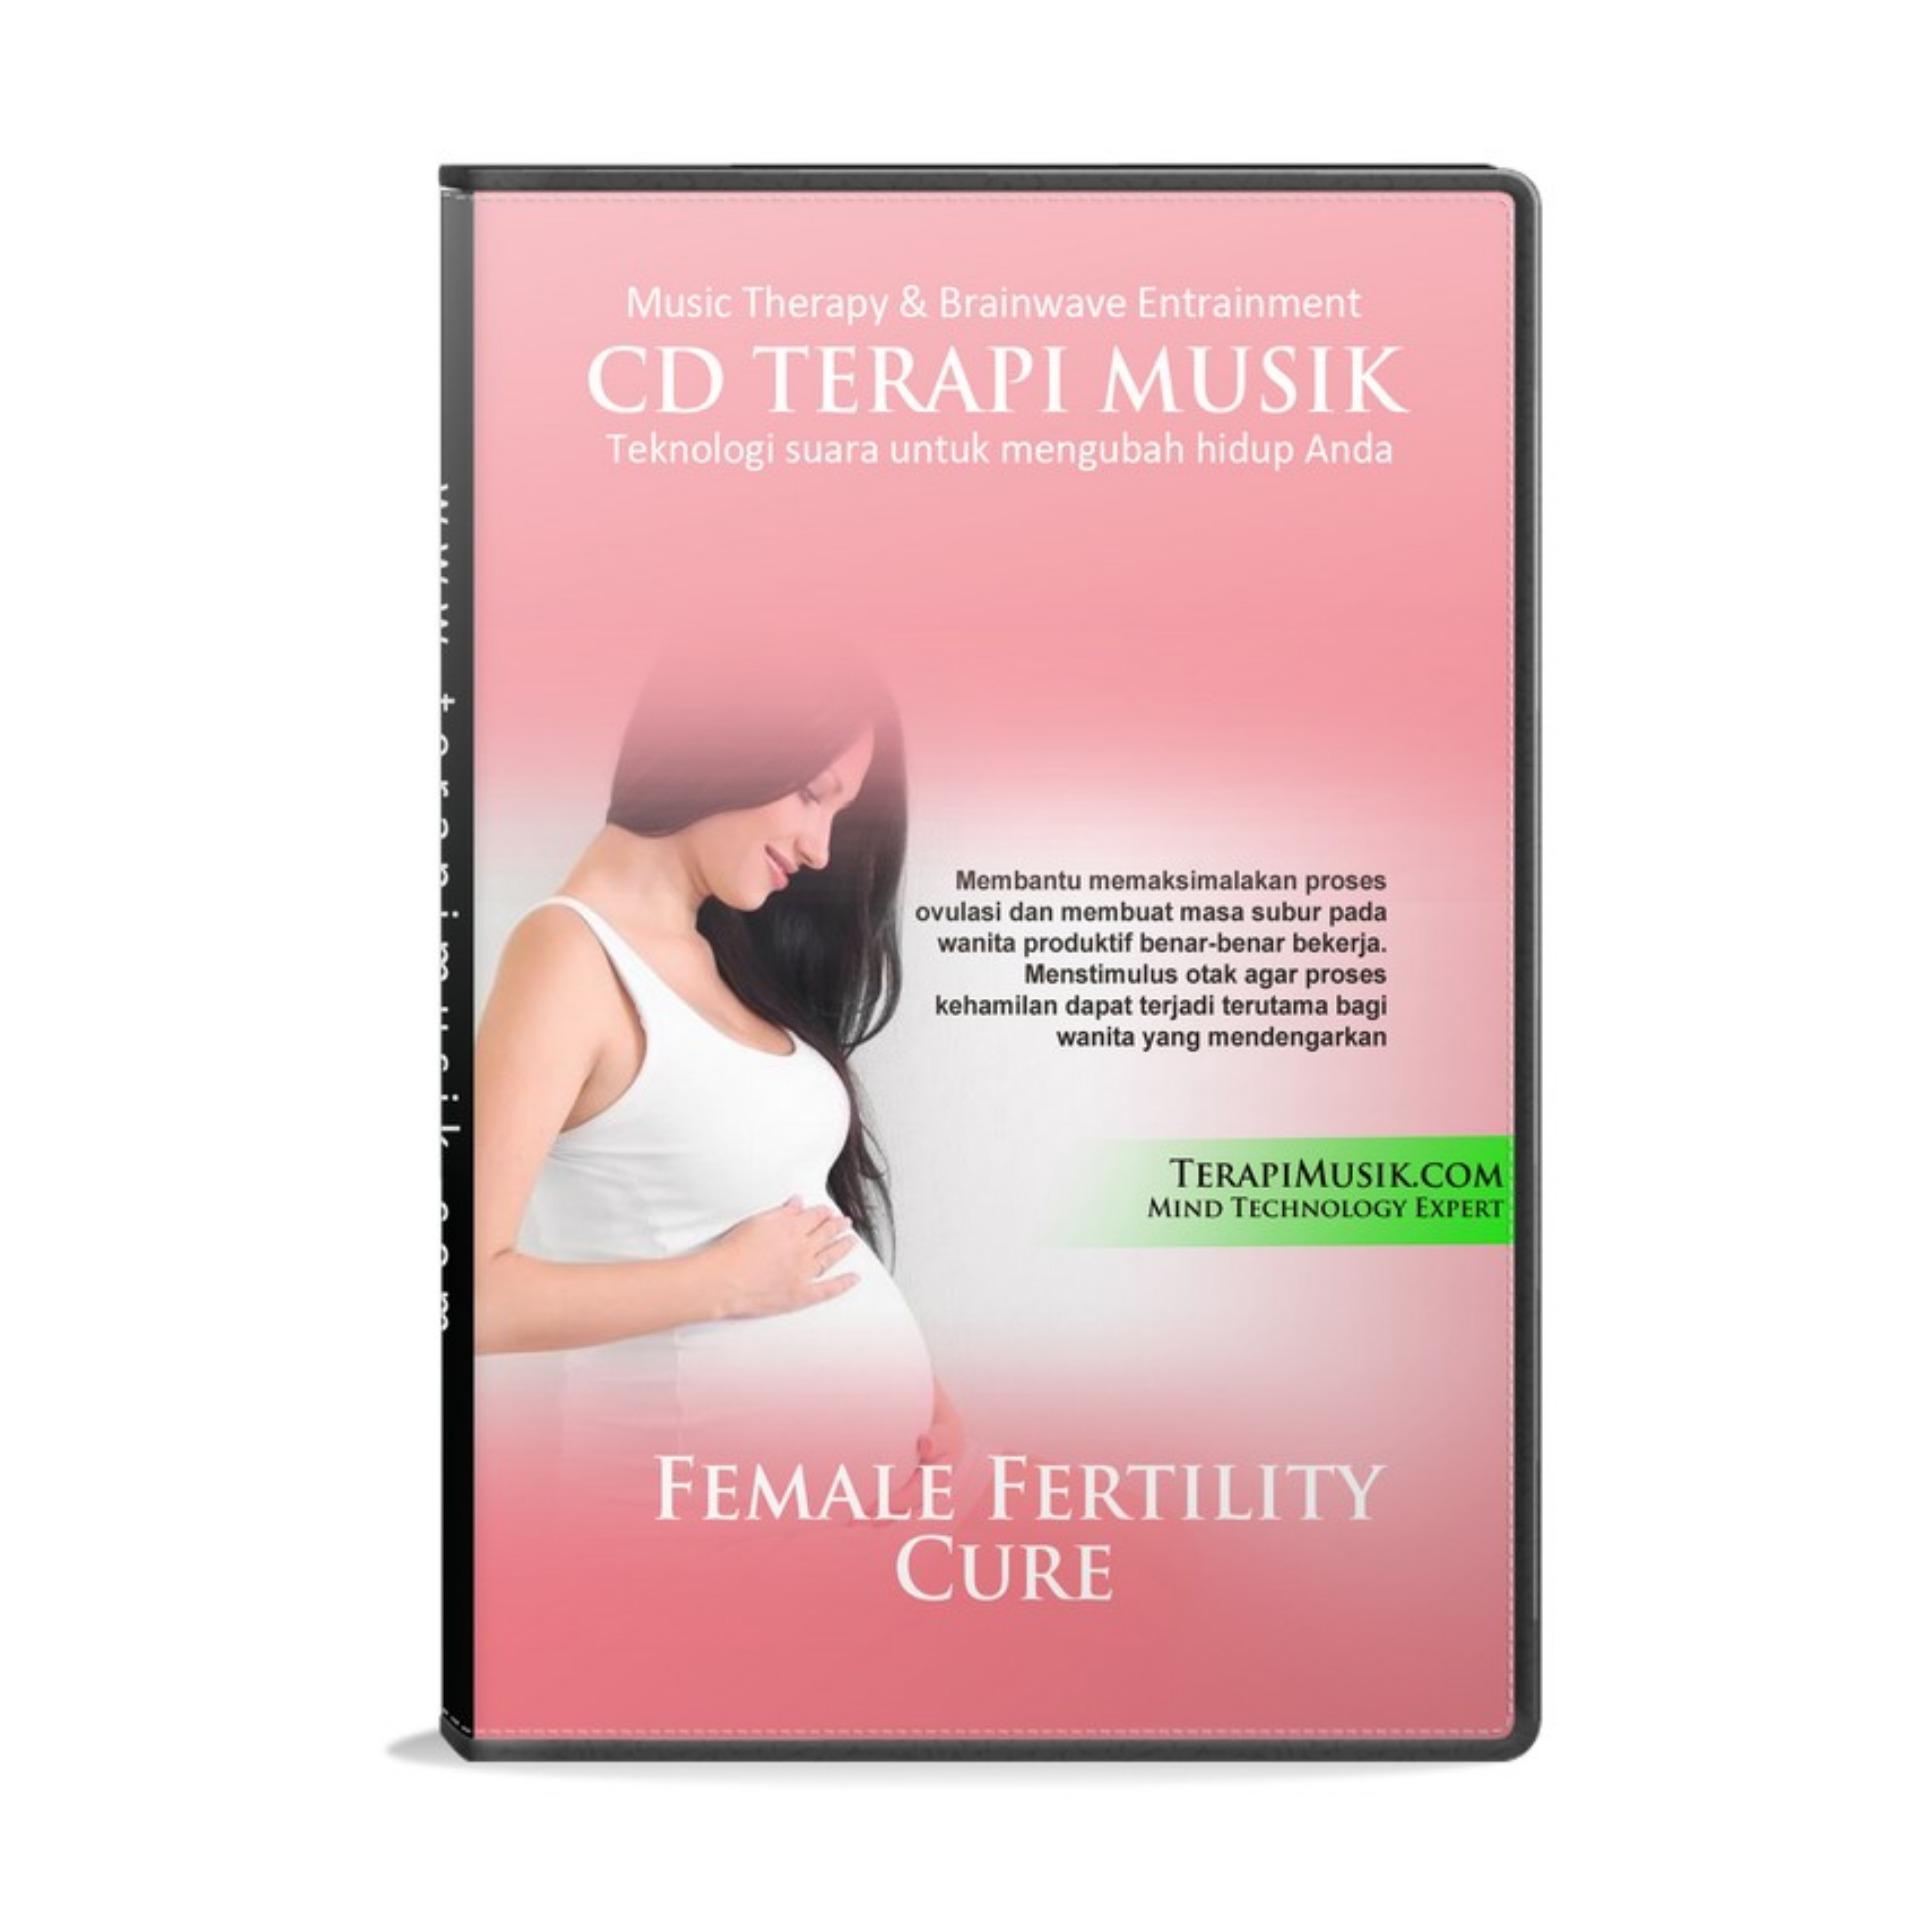 Terapi Musik Female Fertility Cure (menambah Kesuburan Pada Wanita) By Terapi Musik.